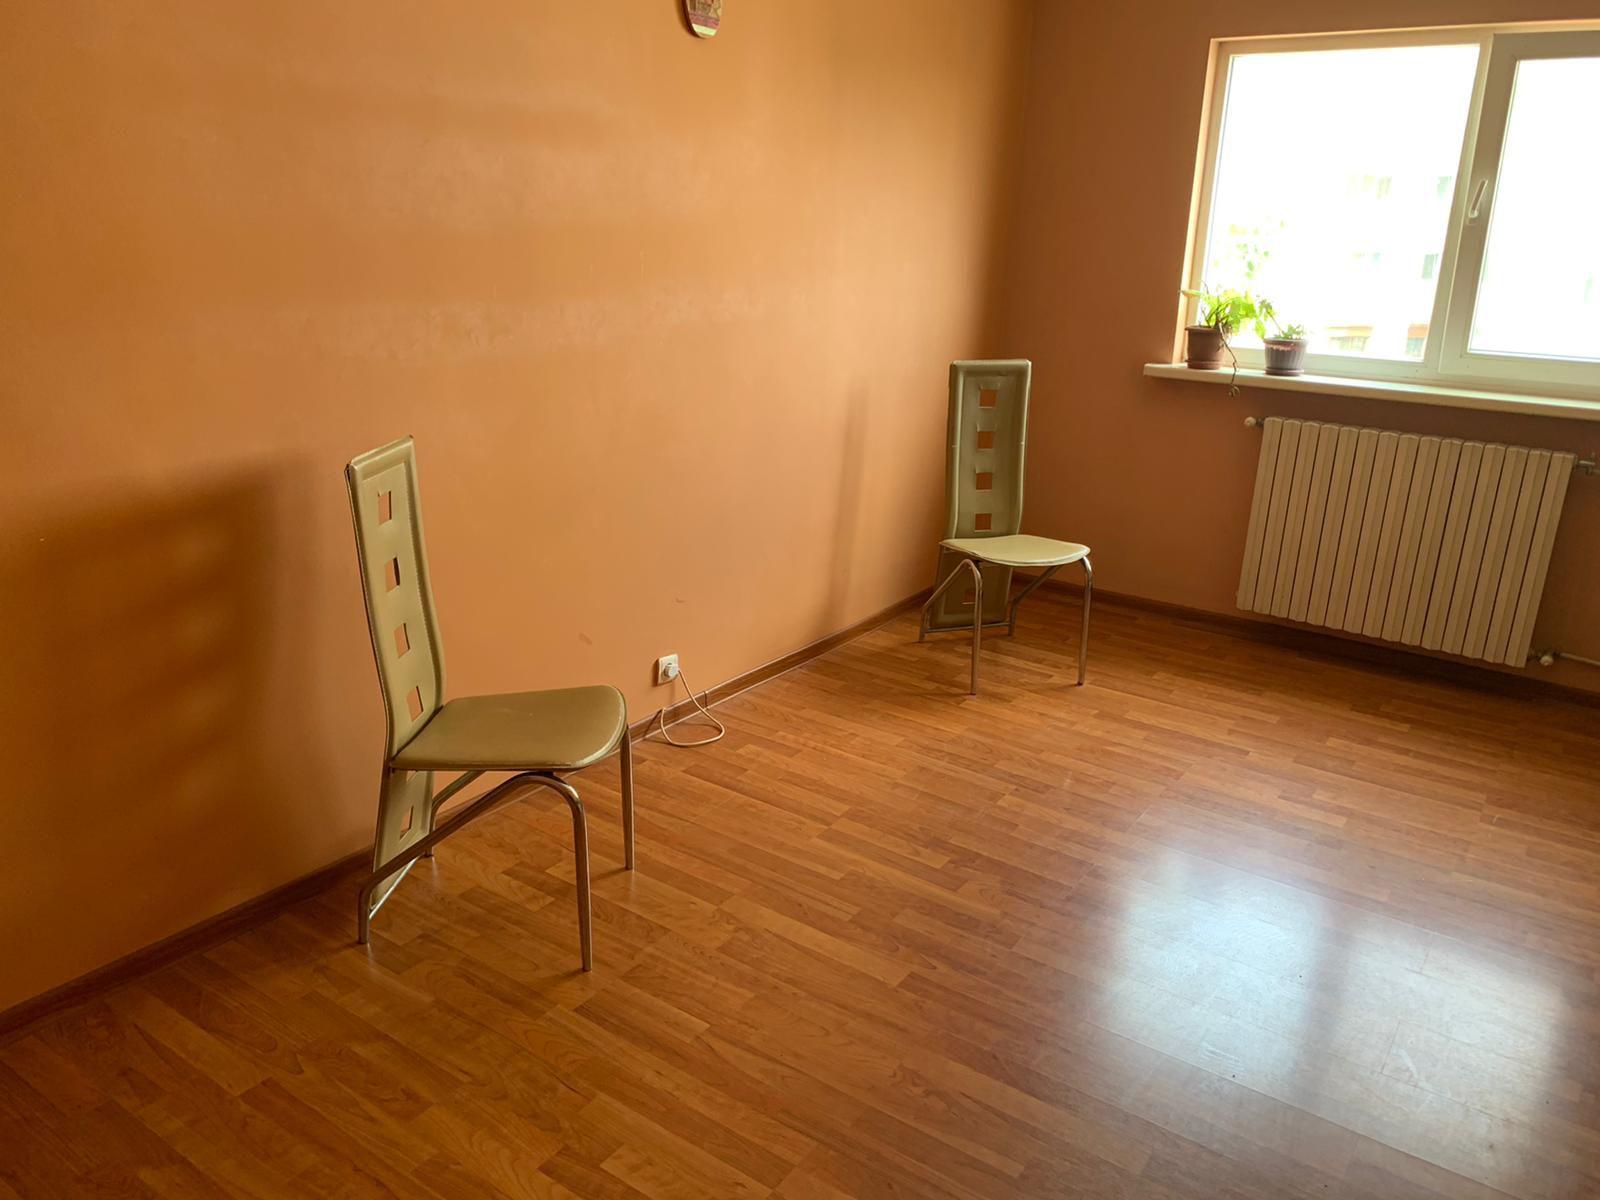 Vanzare Apartament 2 camere - ANDA, Constanta